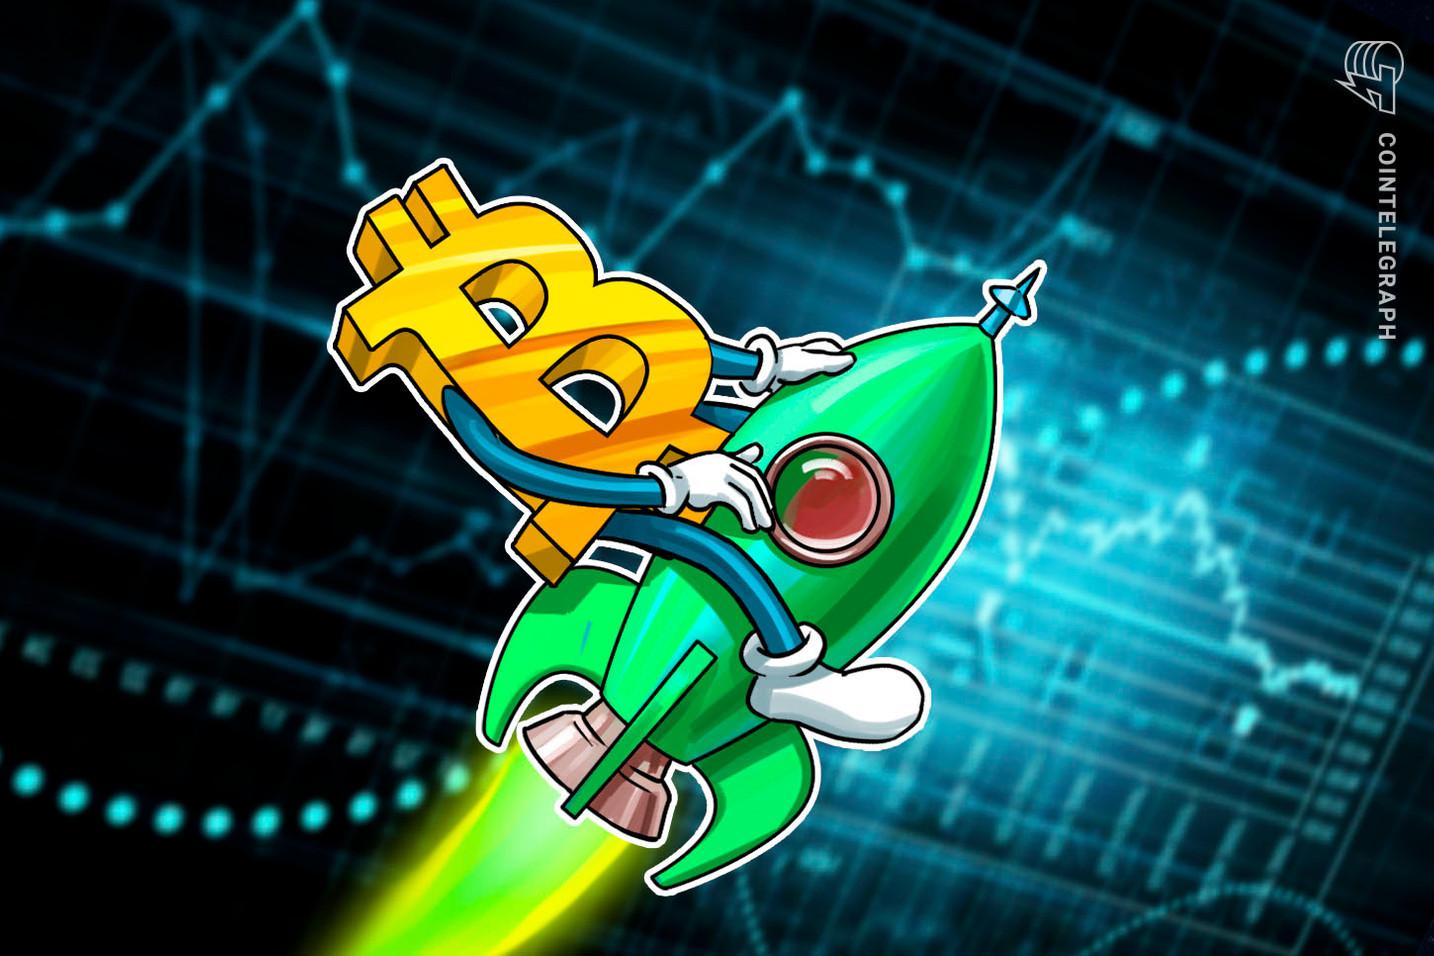 Precio de Bitcoin: ¿Llegaremos a $100K en el 2021?